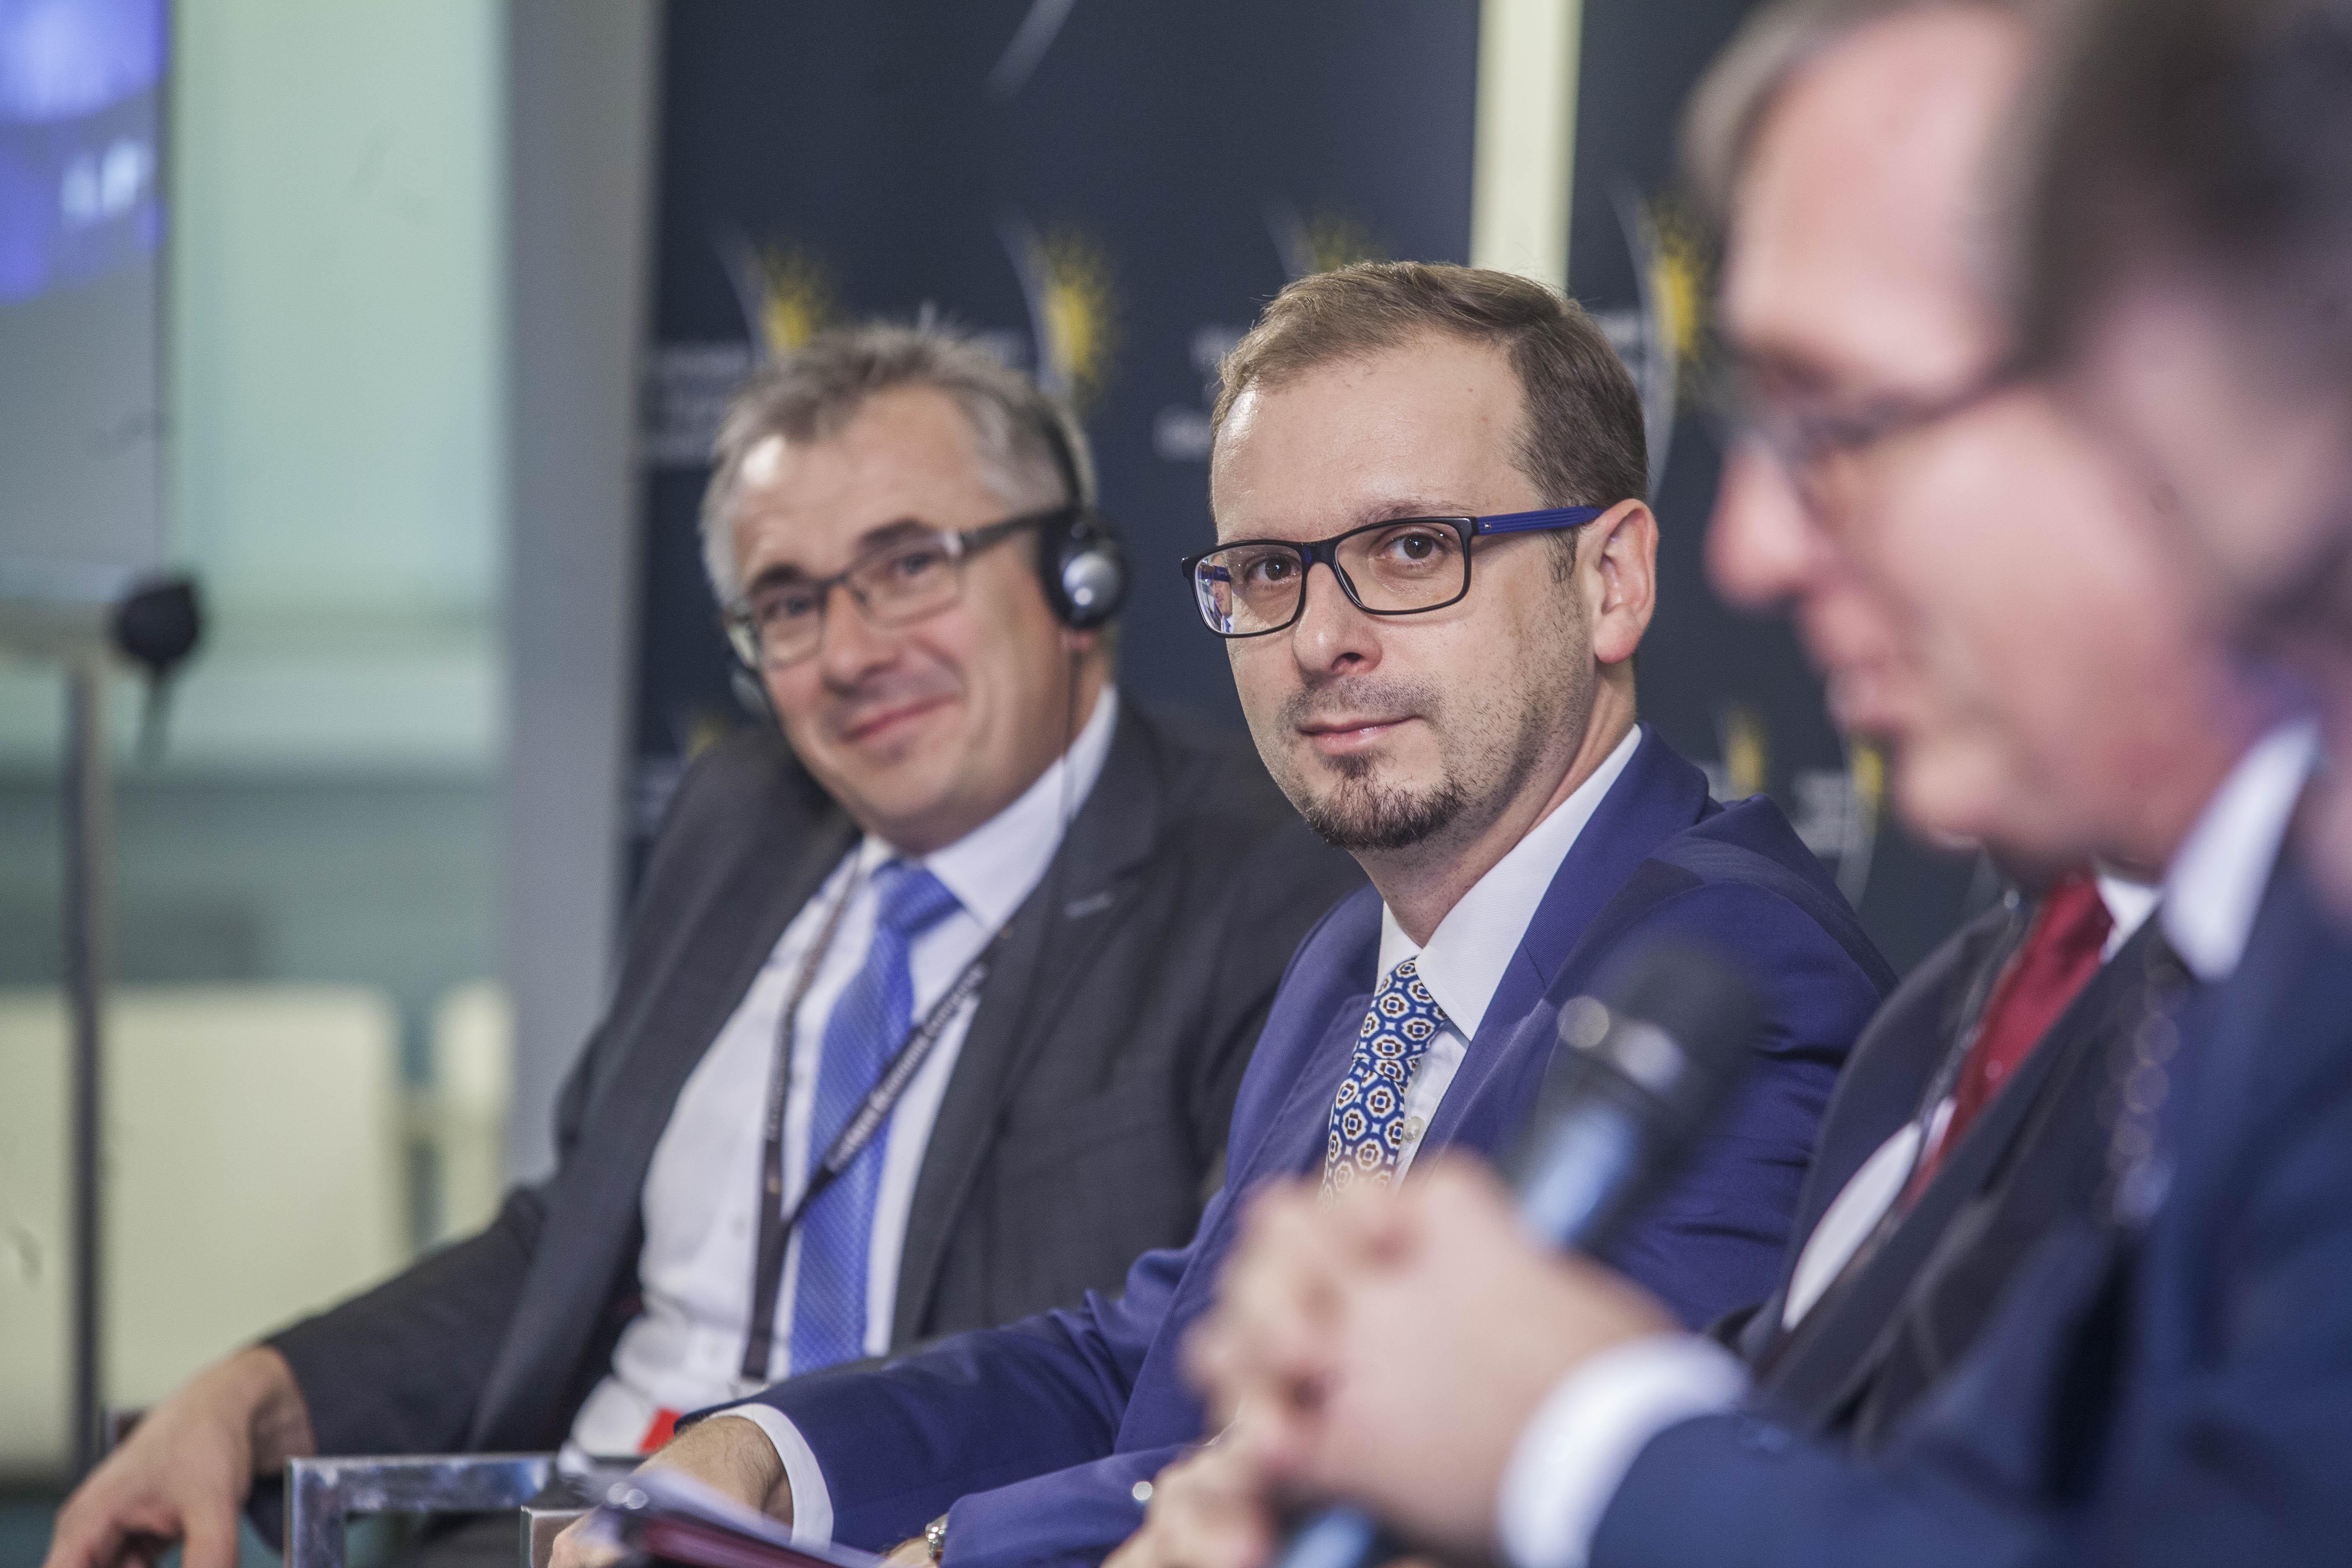 W środku Tomasz Janusz, zastępca dyrektora departamentu polityki regionalnej w Urzędzie Marszałkowskim Województwa Świętokrzyskiego. Fot. PTWP